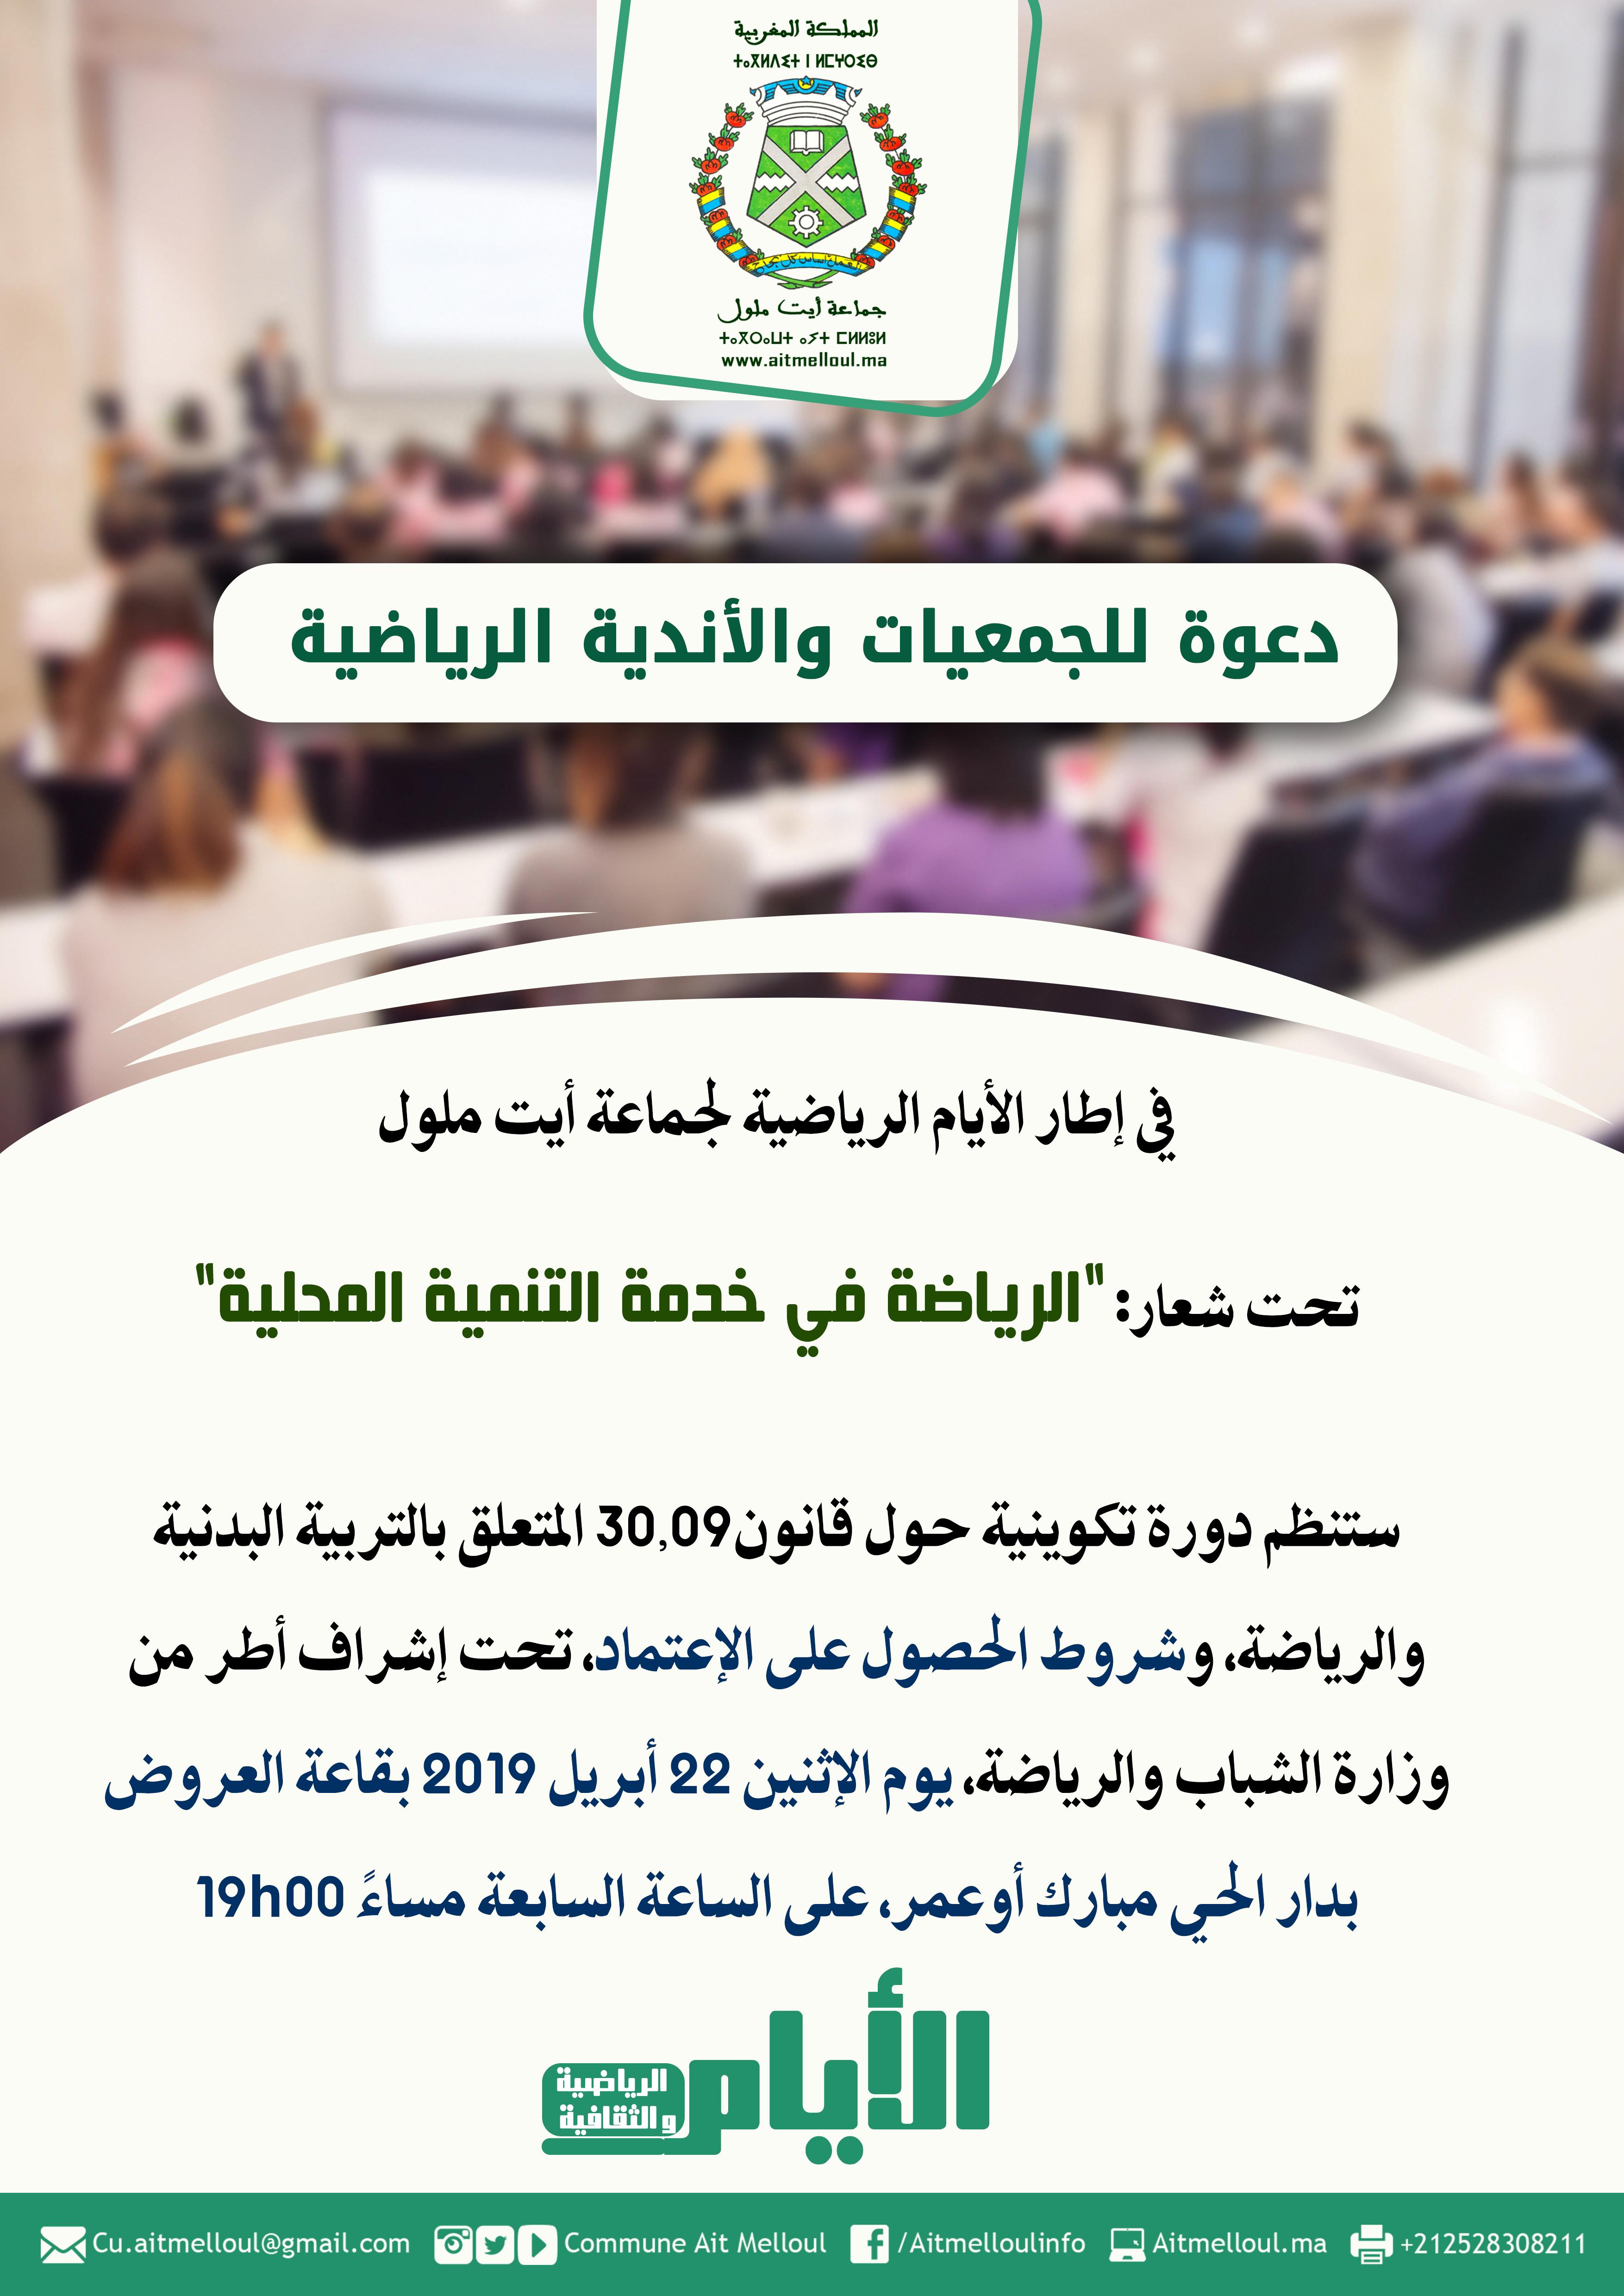 دعوة للجمعيات والأندية الرياضية لحضور دورة تكوينية حول قانون 30.09 وشروط الحصول على الإعتماد